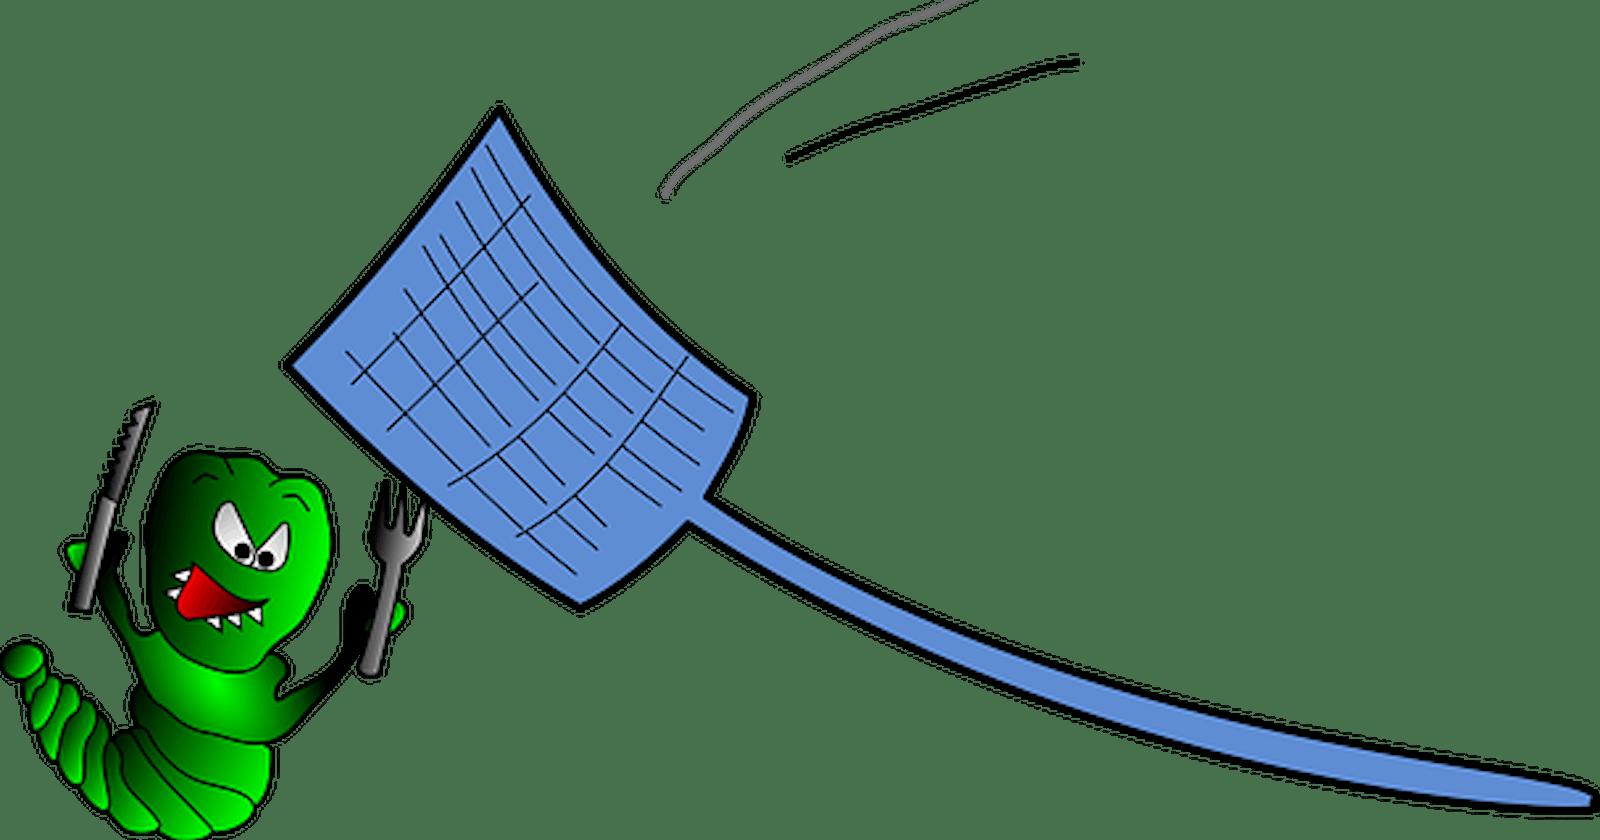 How to Debug with VS Code Debugger